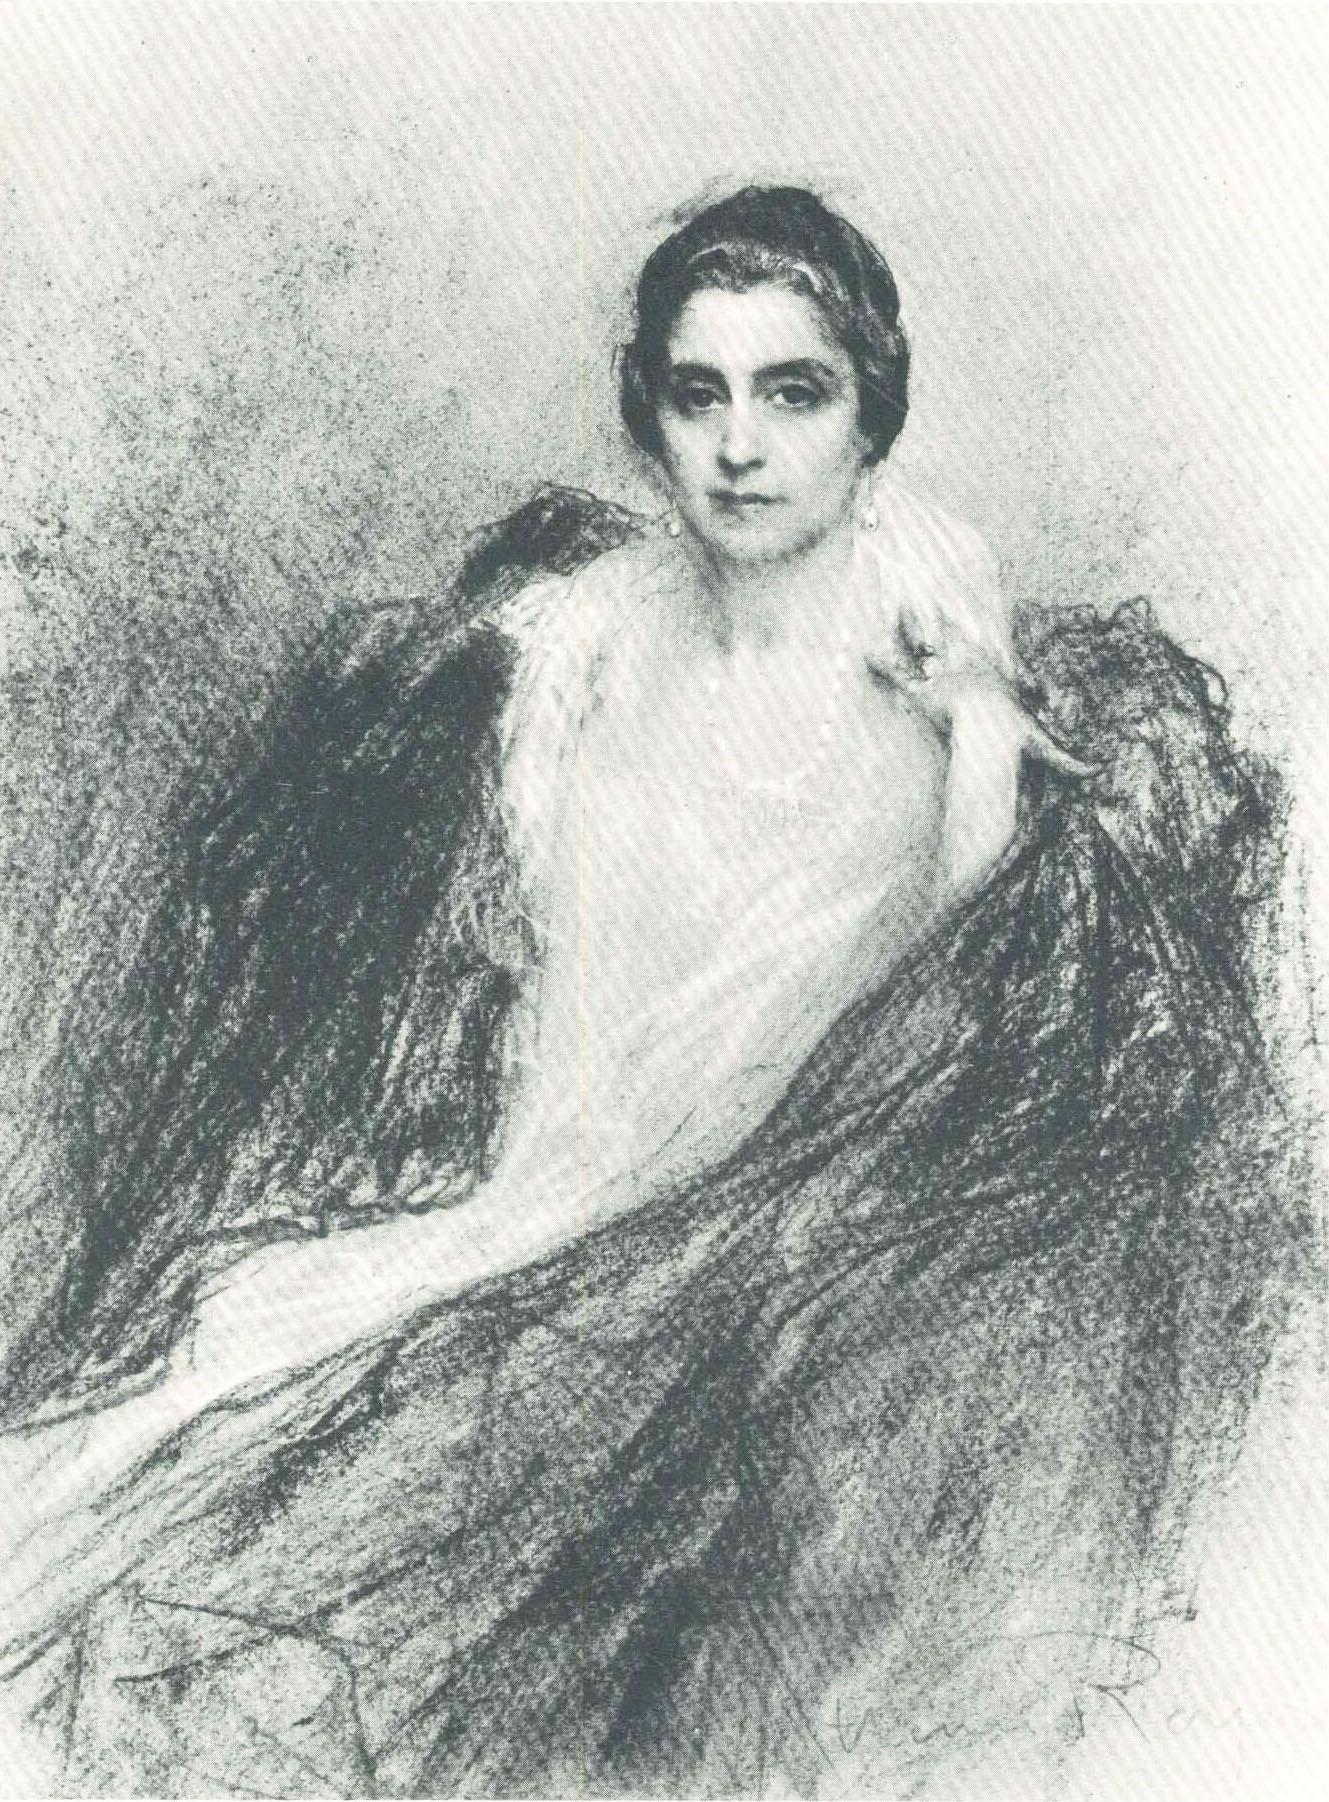 Retrato a crayon, de Branca Guinle, por Henri Royer